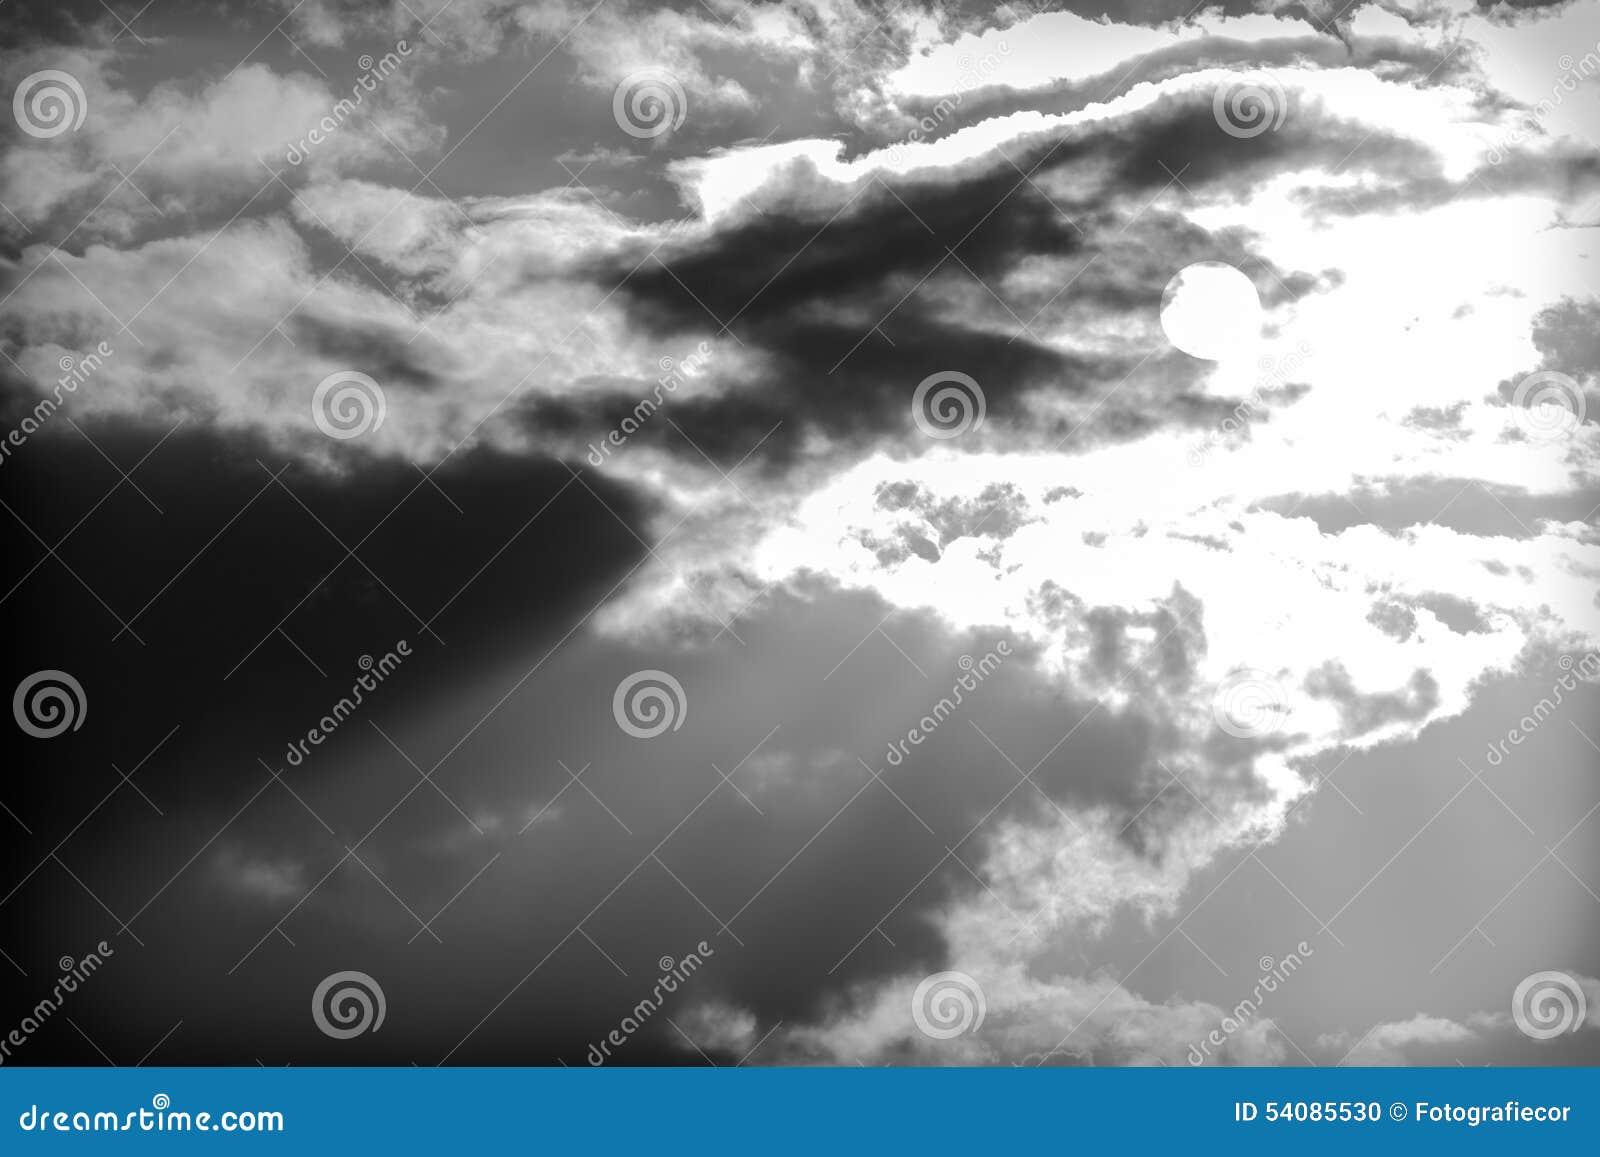 Achtergrond van onweerswolken na een onweersbui